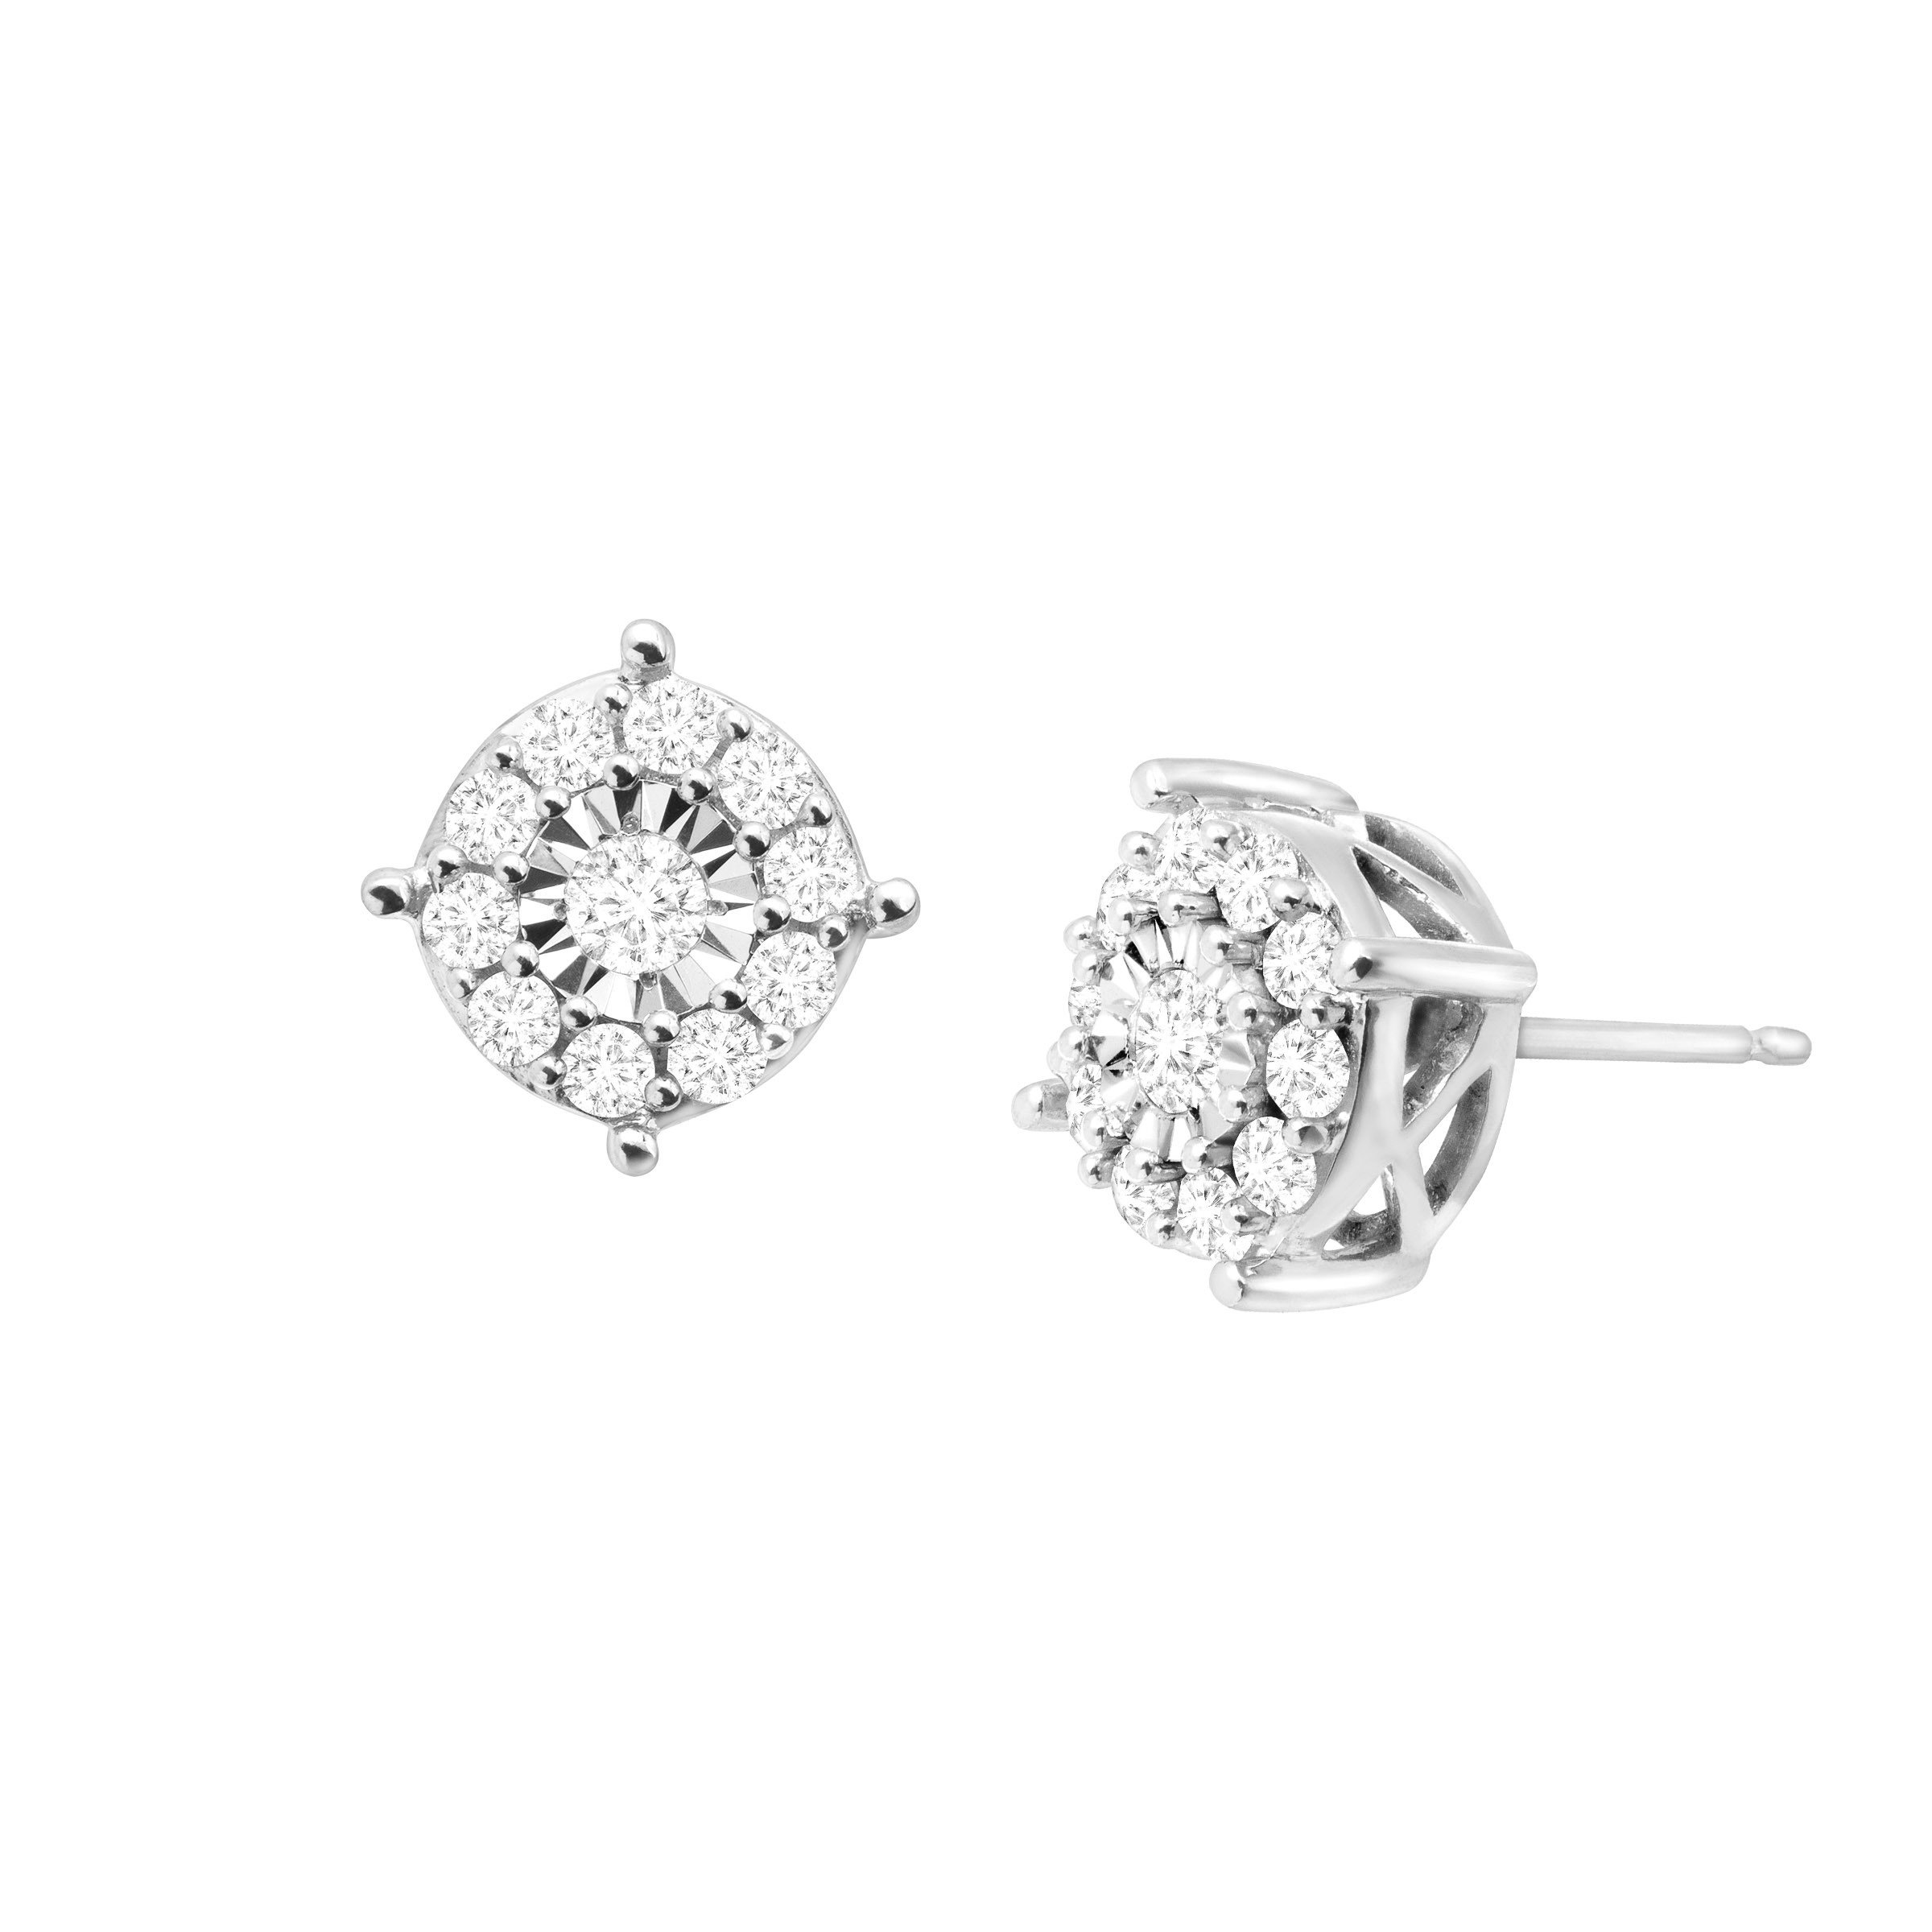 3/4 ct Diamond Halo Stud Earrings in Sterling Silver